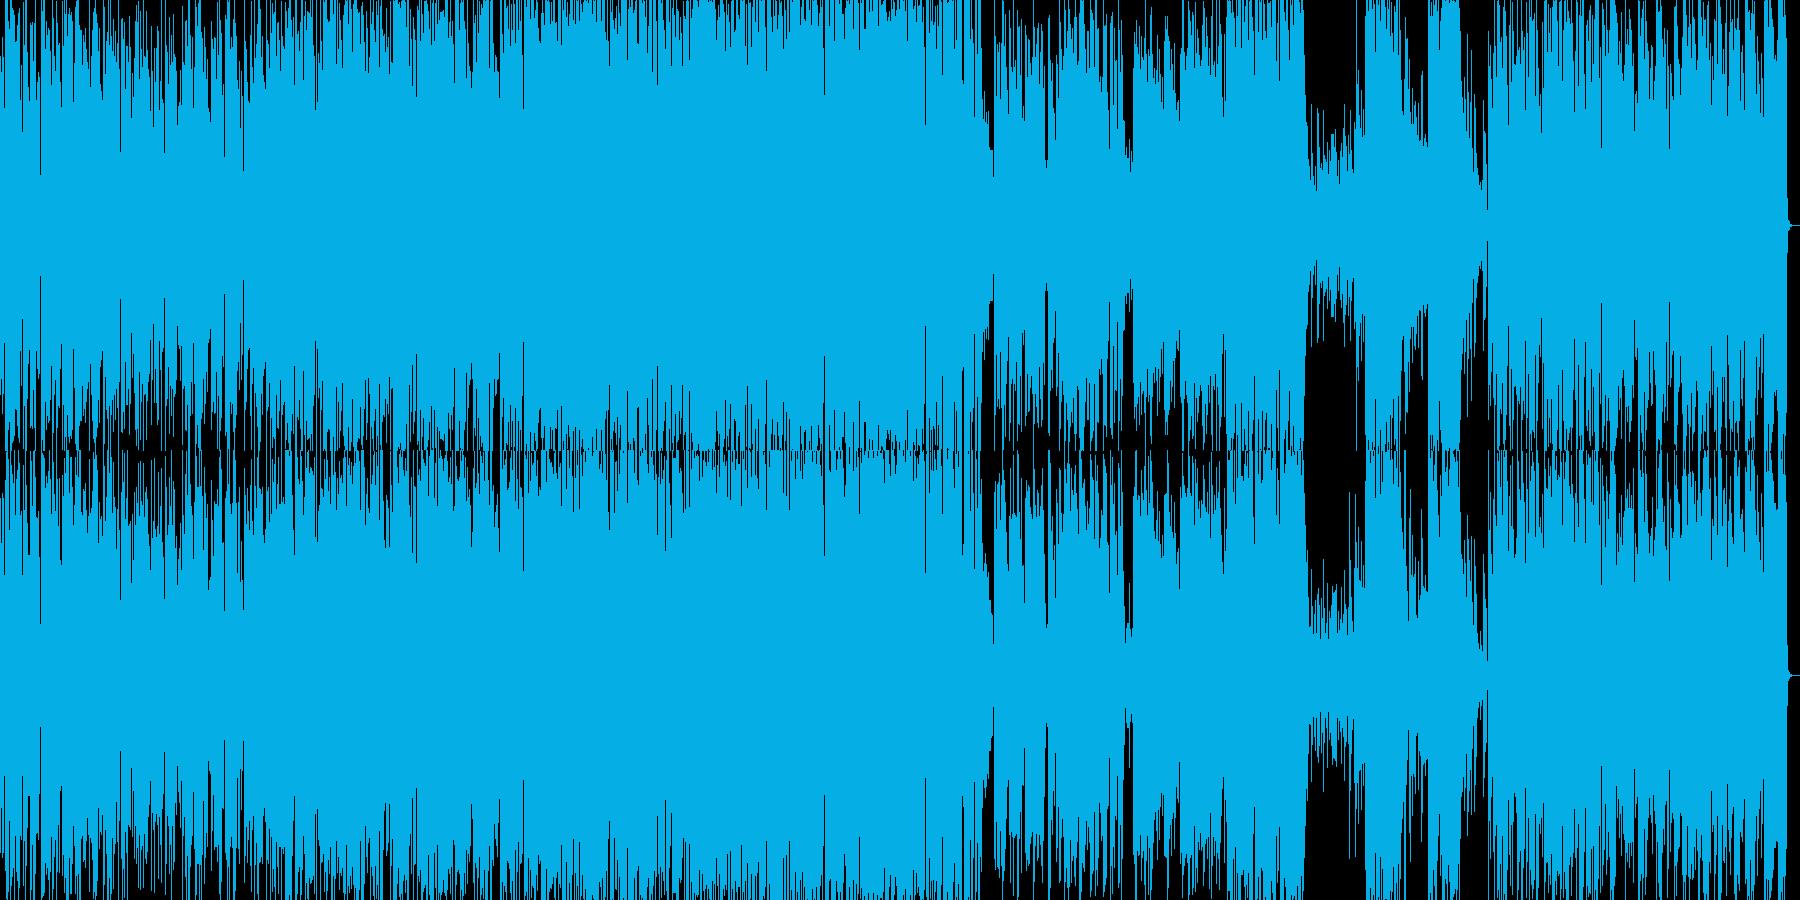 スタンダードジャズの軽快なピアノトリオの再生済みの波形